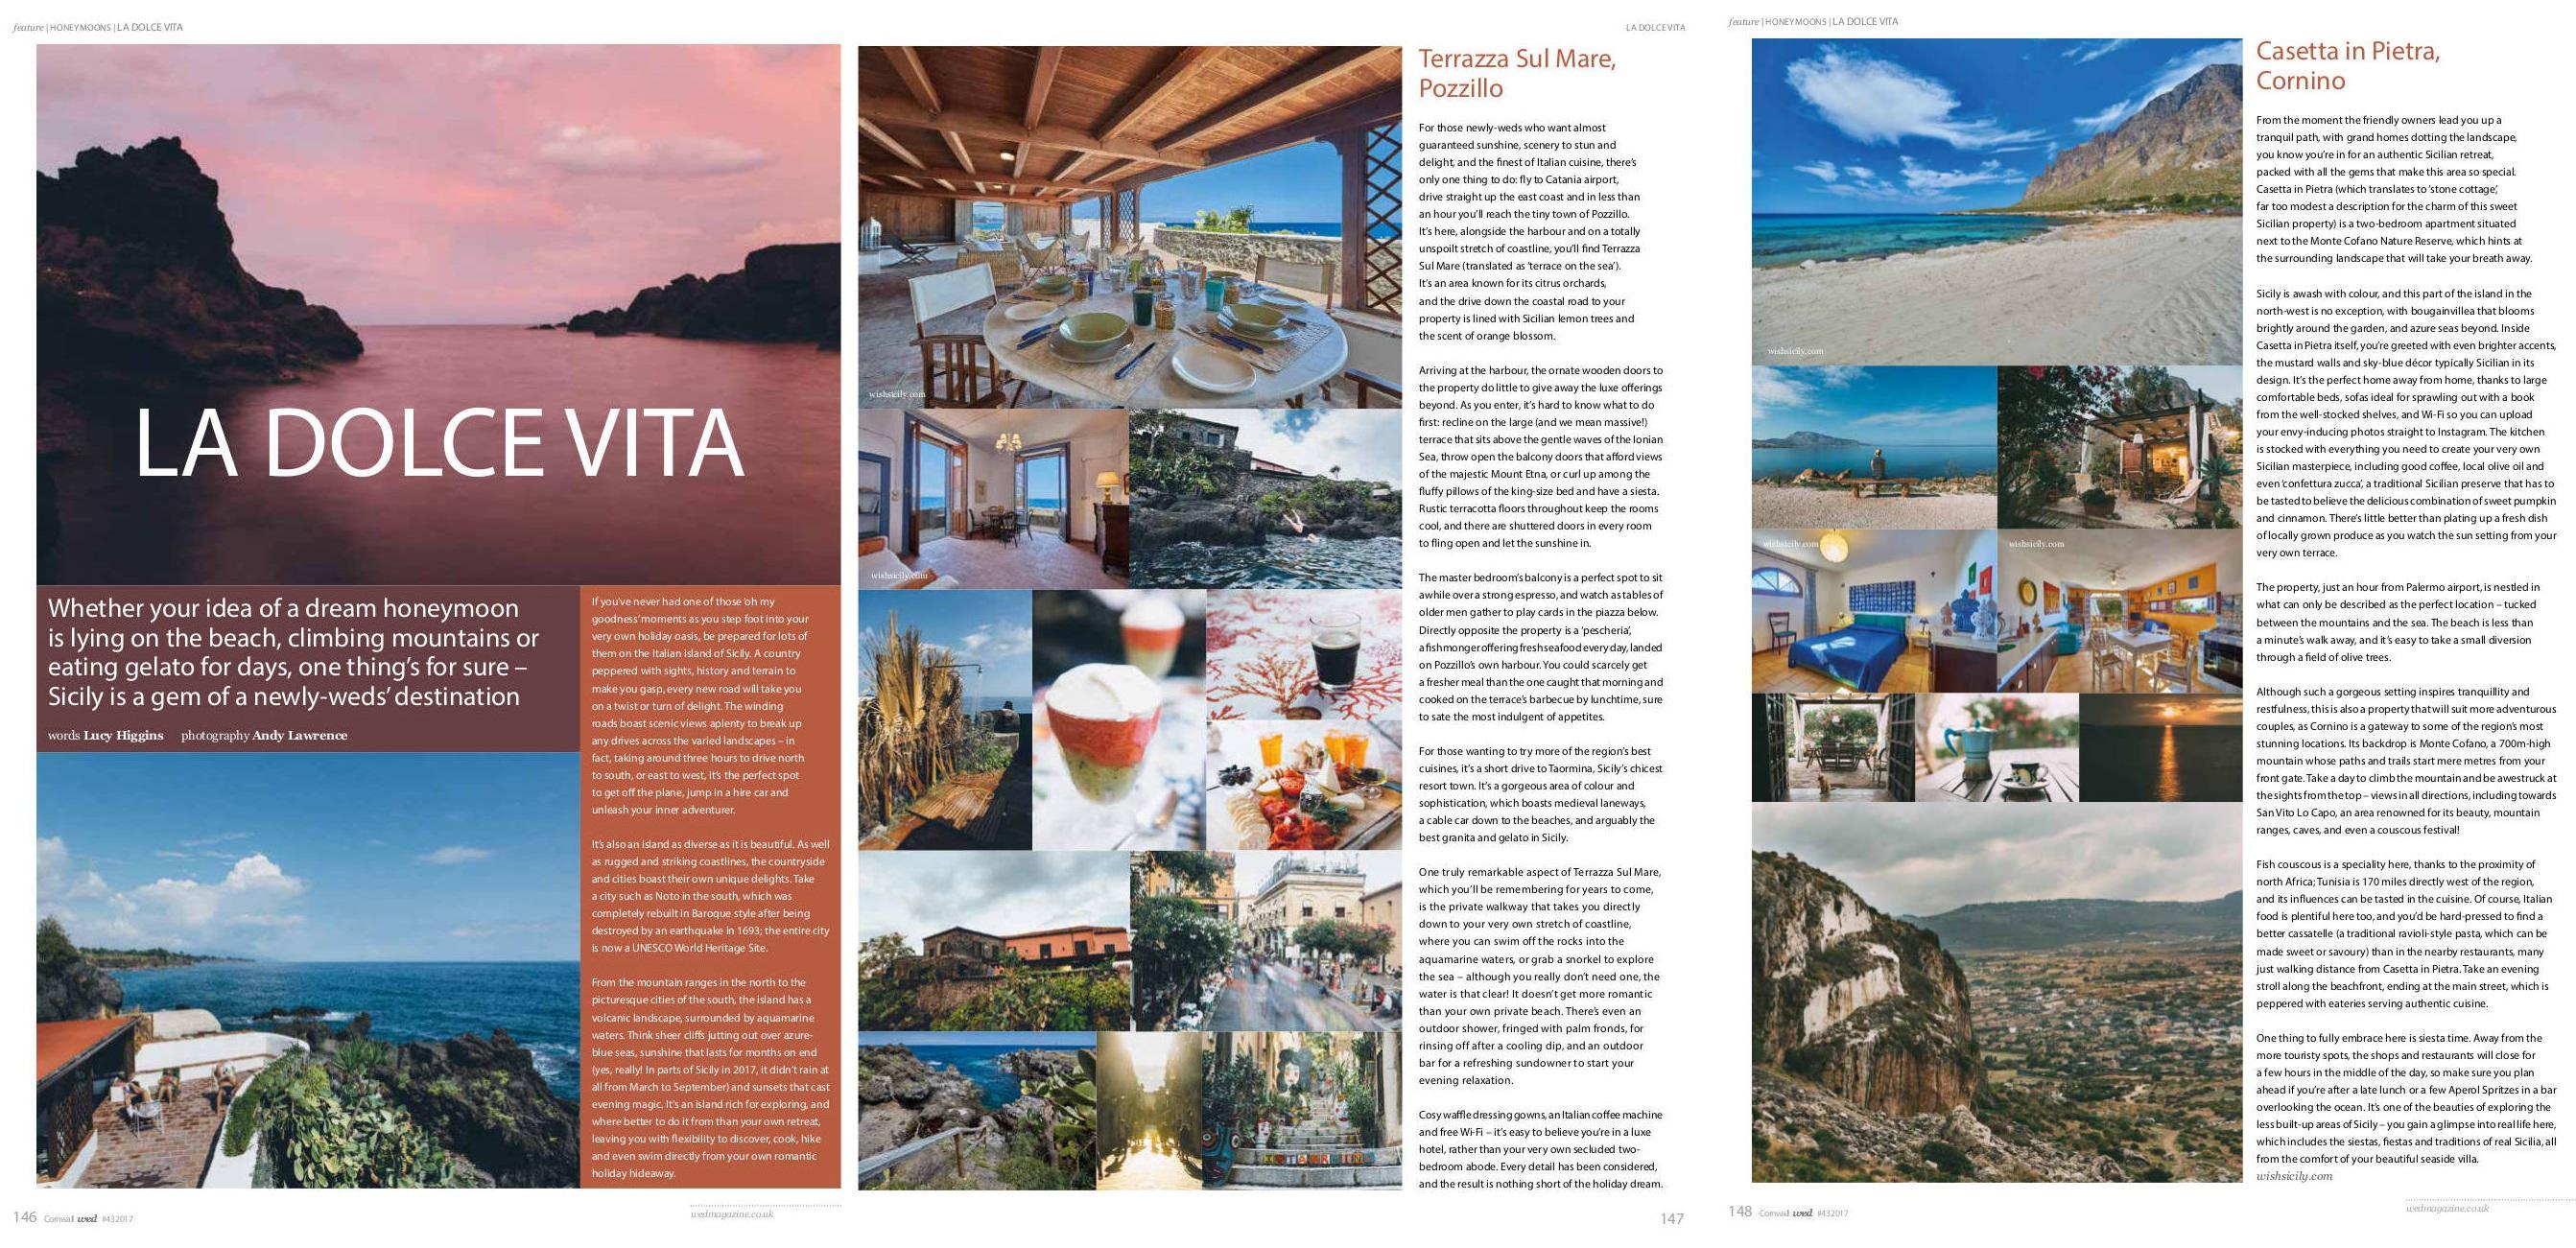 Terrazza sul Mare and Casetta in Pietra in Wed Magazine